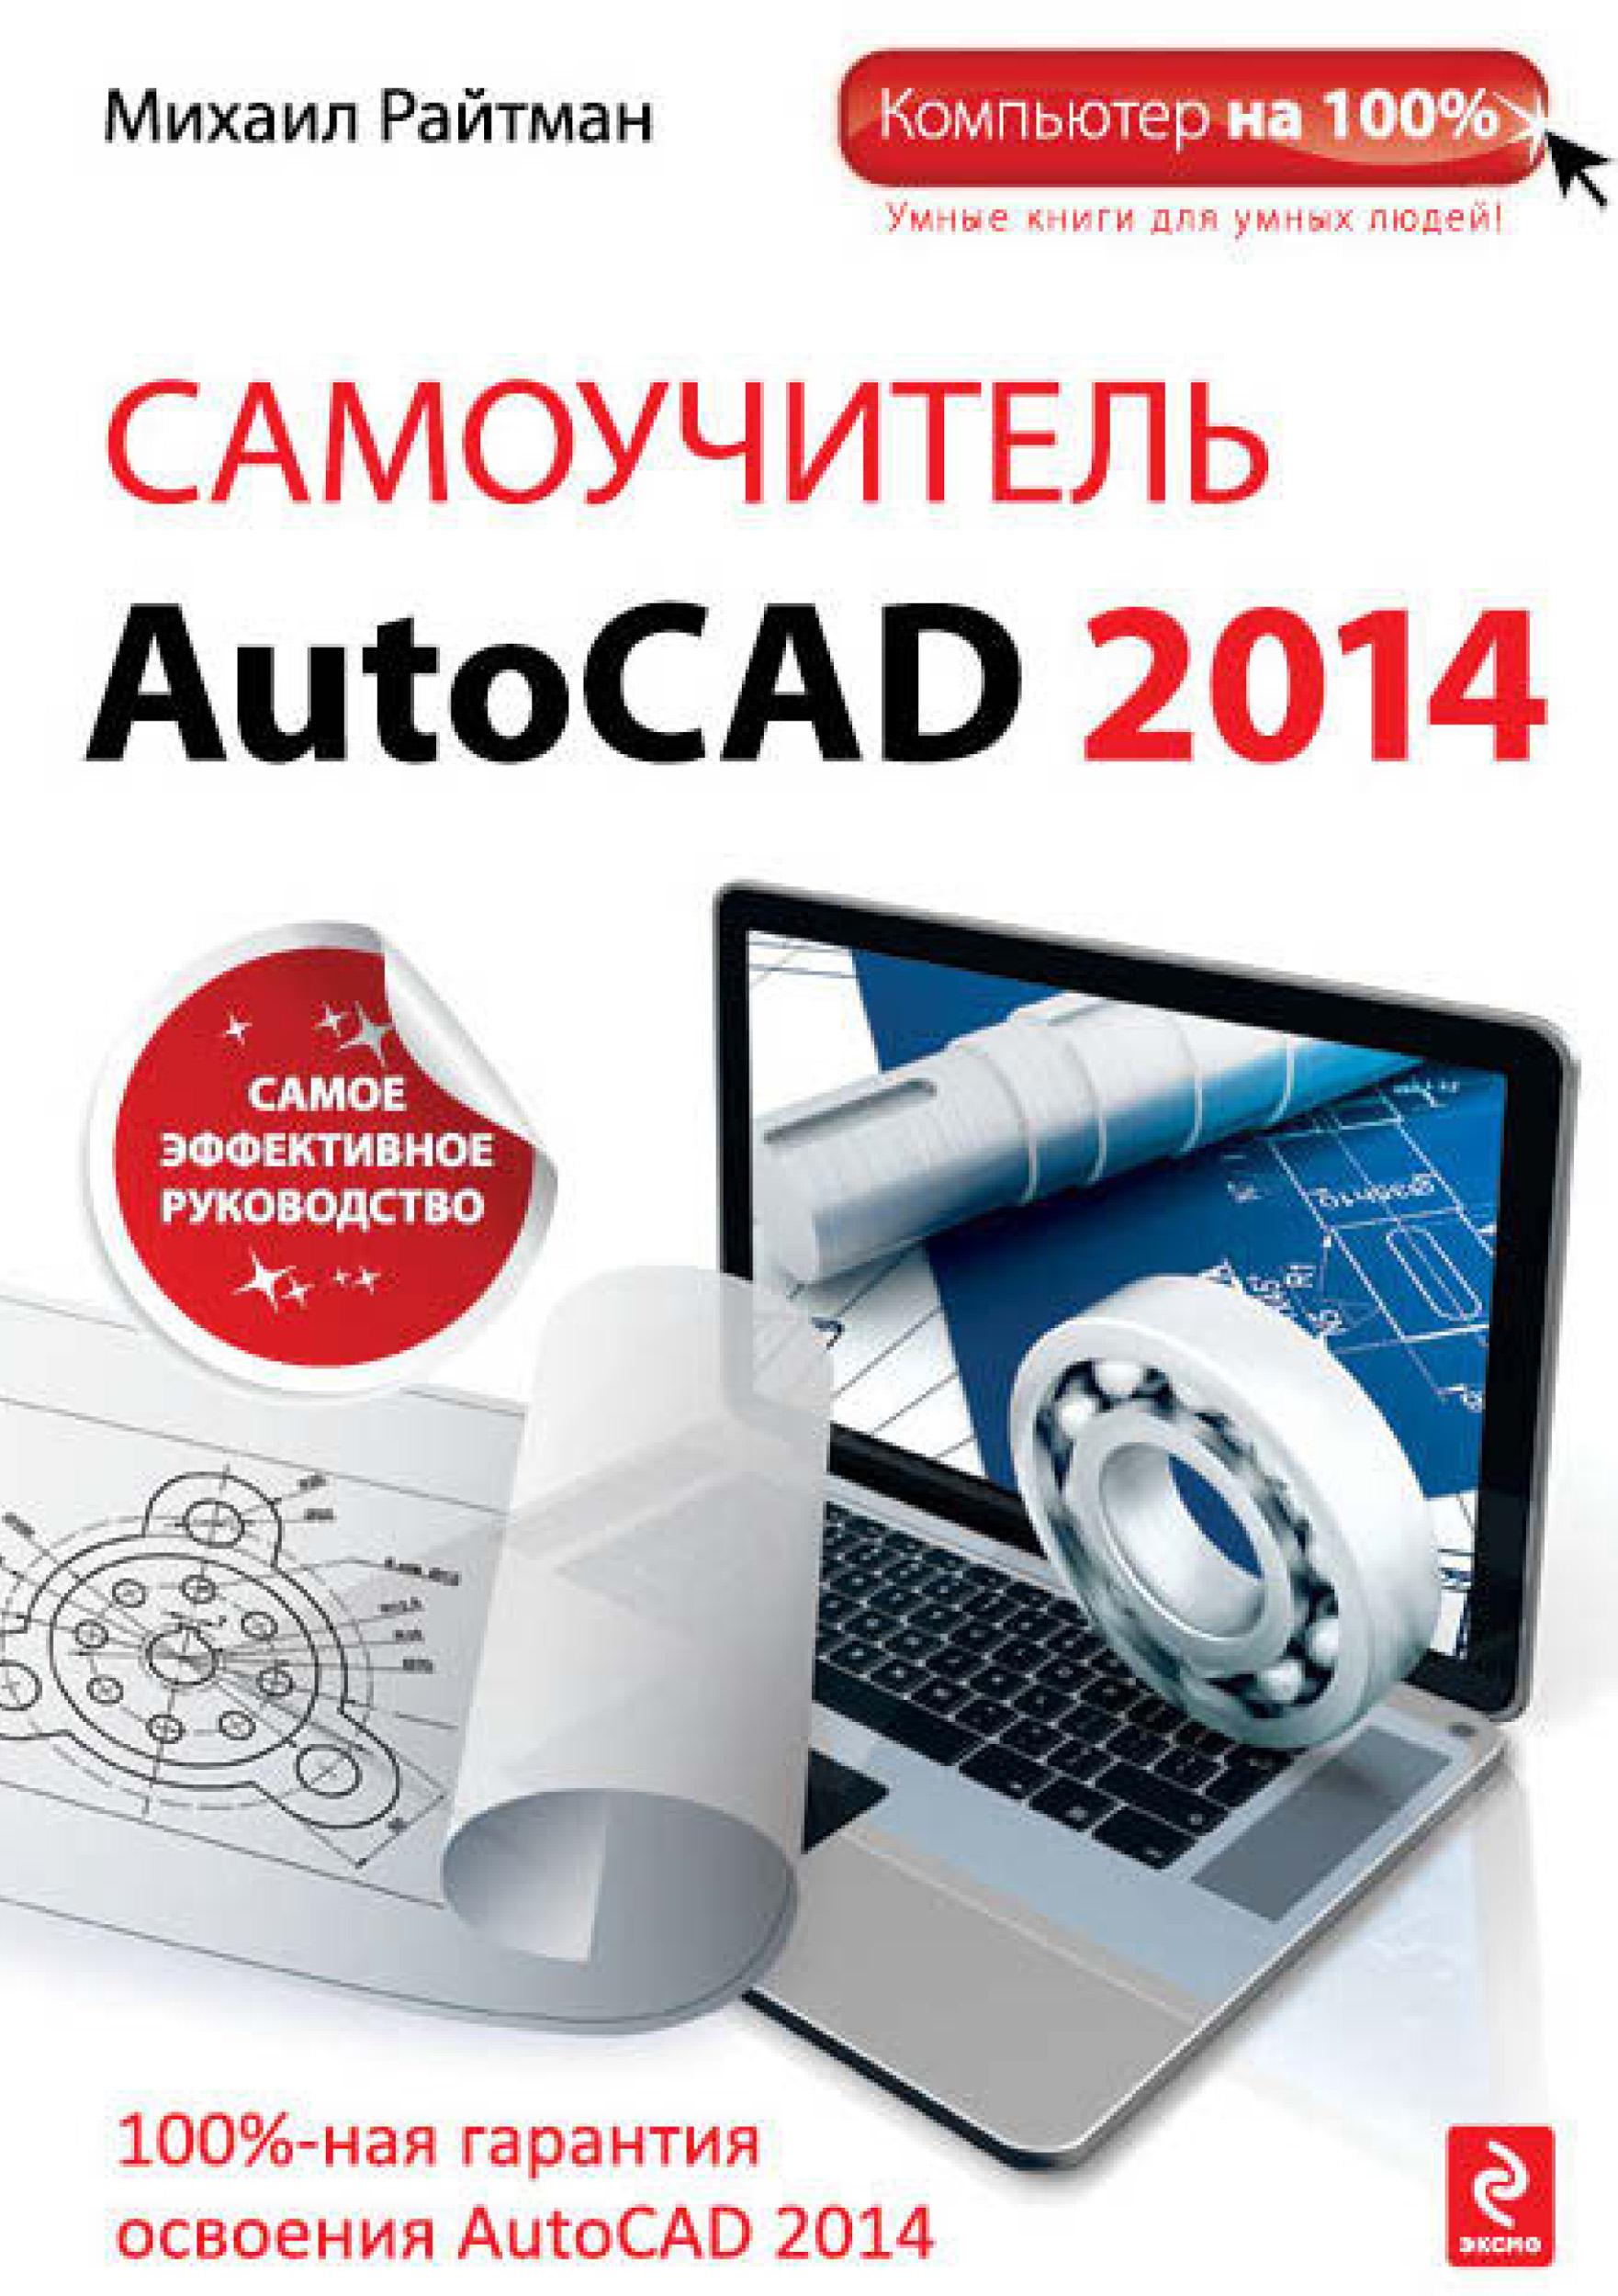 Михаил Райтман Самоучитель AutoCAD 2014 autocad 2014机械制图